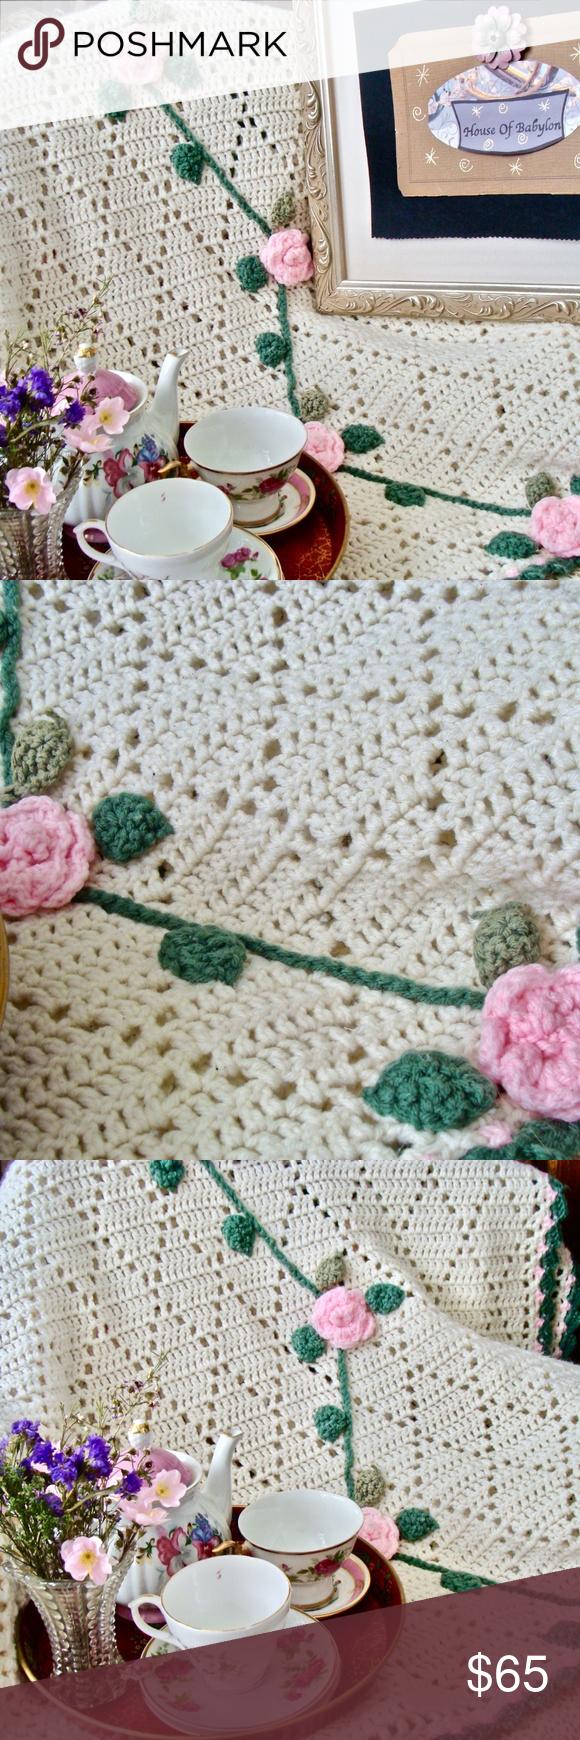 Vintage Blanket Pink Cottage Rose Hand Knit This is a Lovely Vintage Hand Kn Vintage Blanket Pink Cottage Rose Hand Knit This is a Lovely Vintage Hand Kn Vintage Blanket...